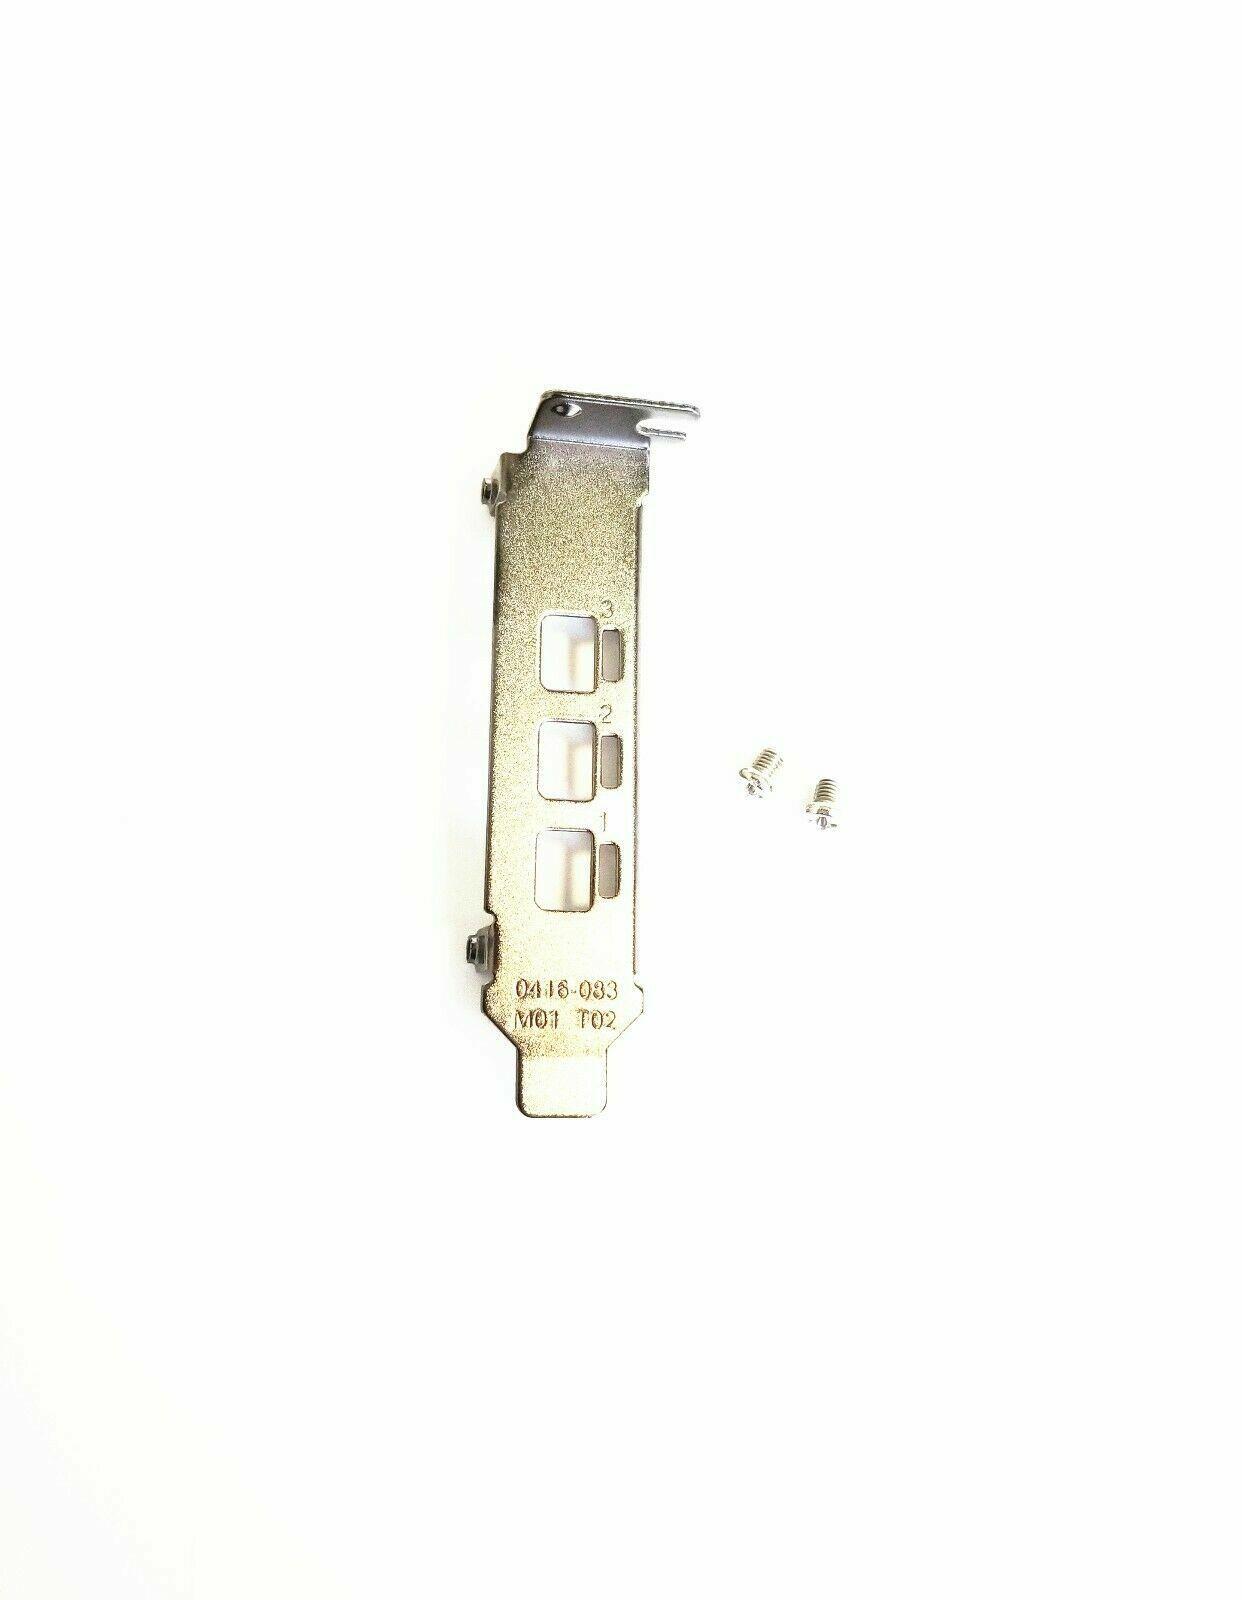 50PCS Low Profile Bracket for NVIDIA Quadro P400